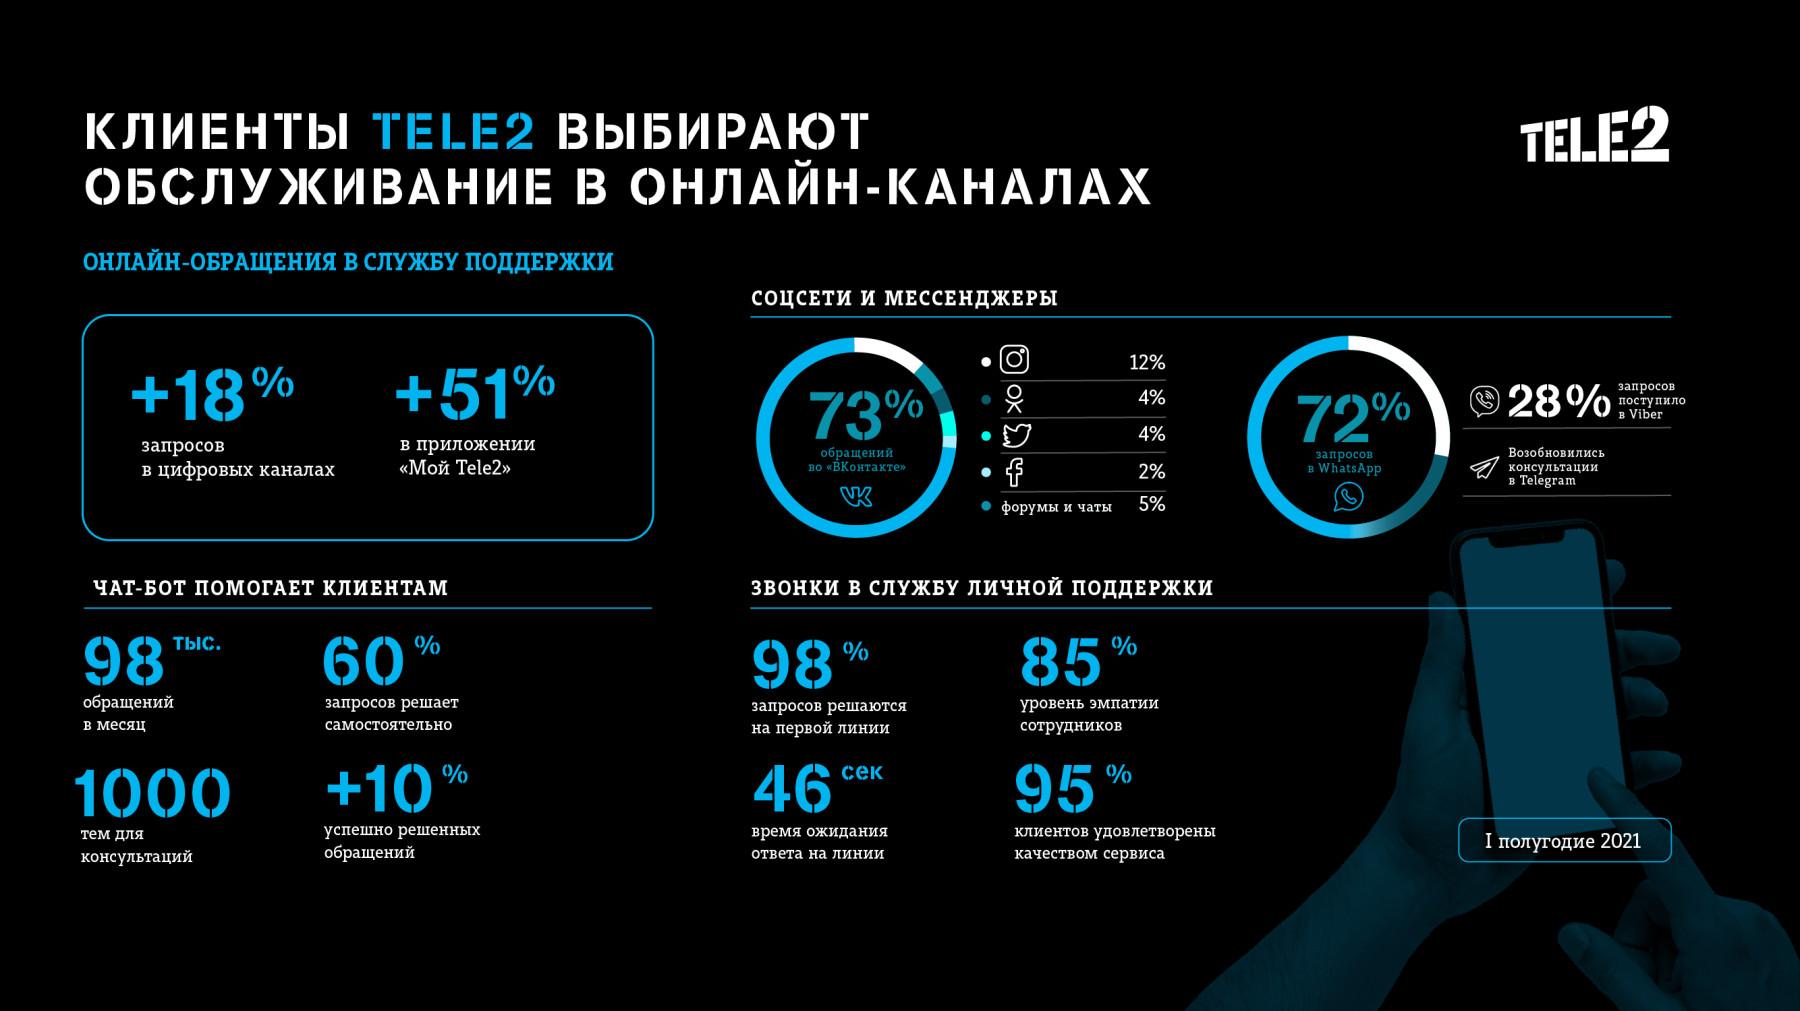 Чат-бот вместо звонков: клиенты Tele2 стали чаще пользоваться онлайн-площадками